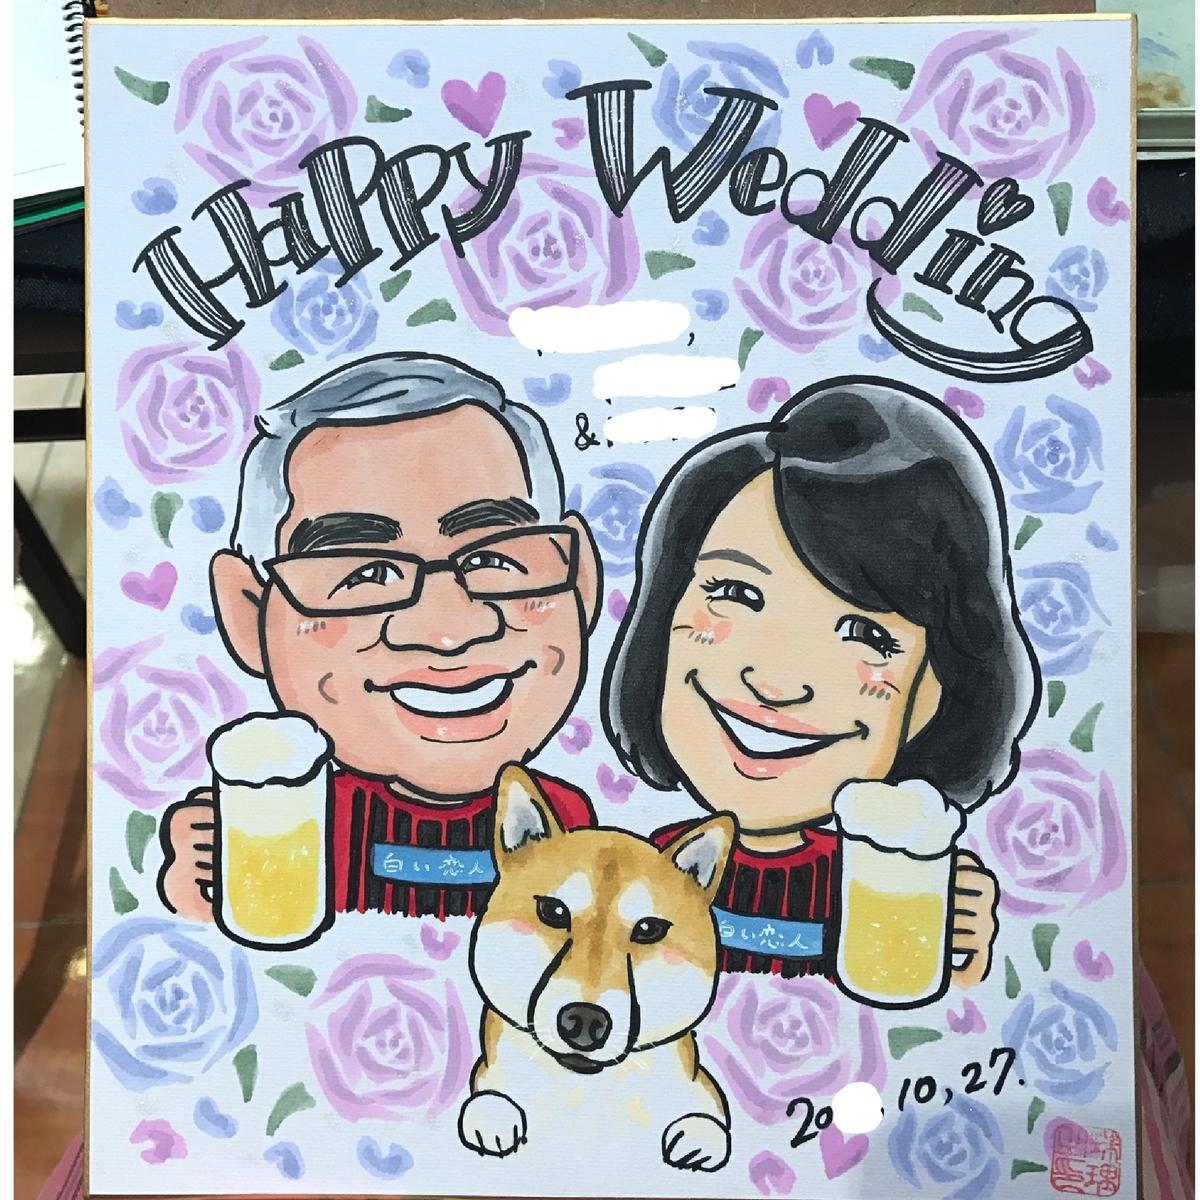 結婚祝いの似顔絵ギフト 北海道札幌の似顔絵作家高井じゅり 似顔絵ファクトリー